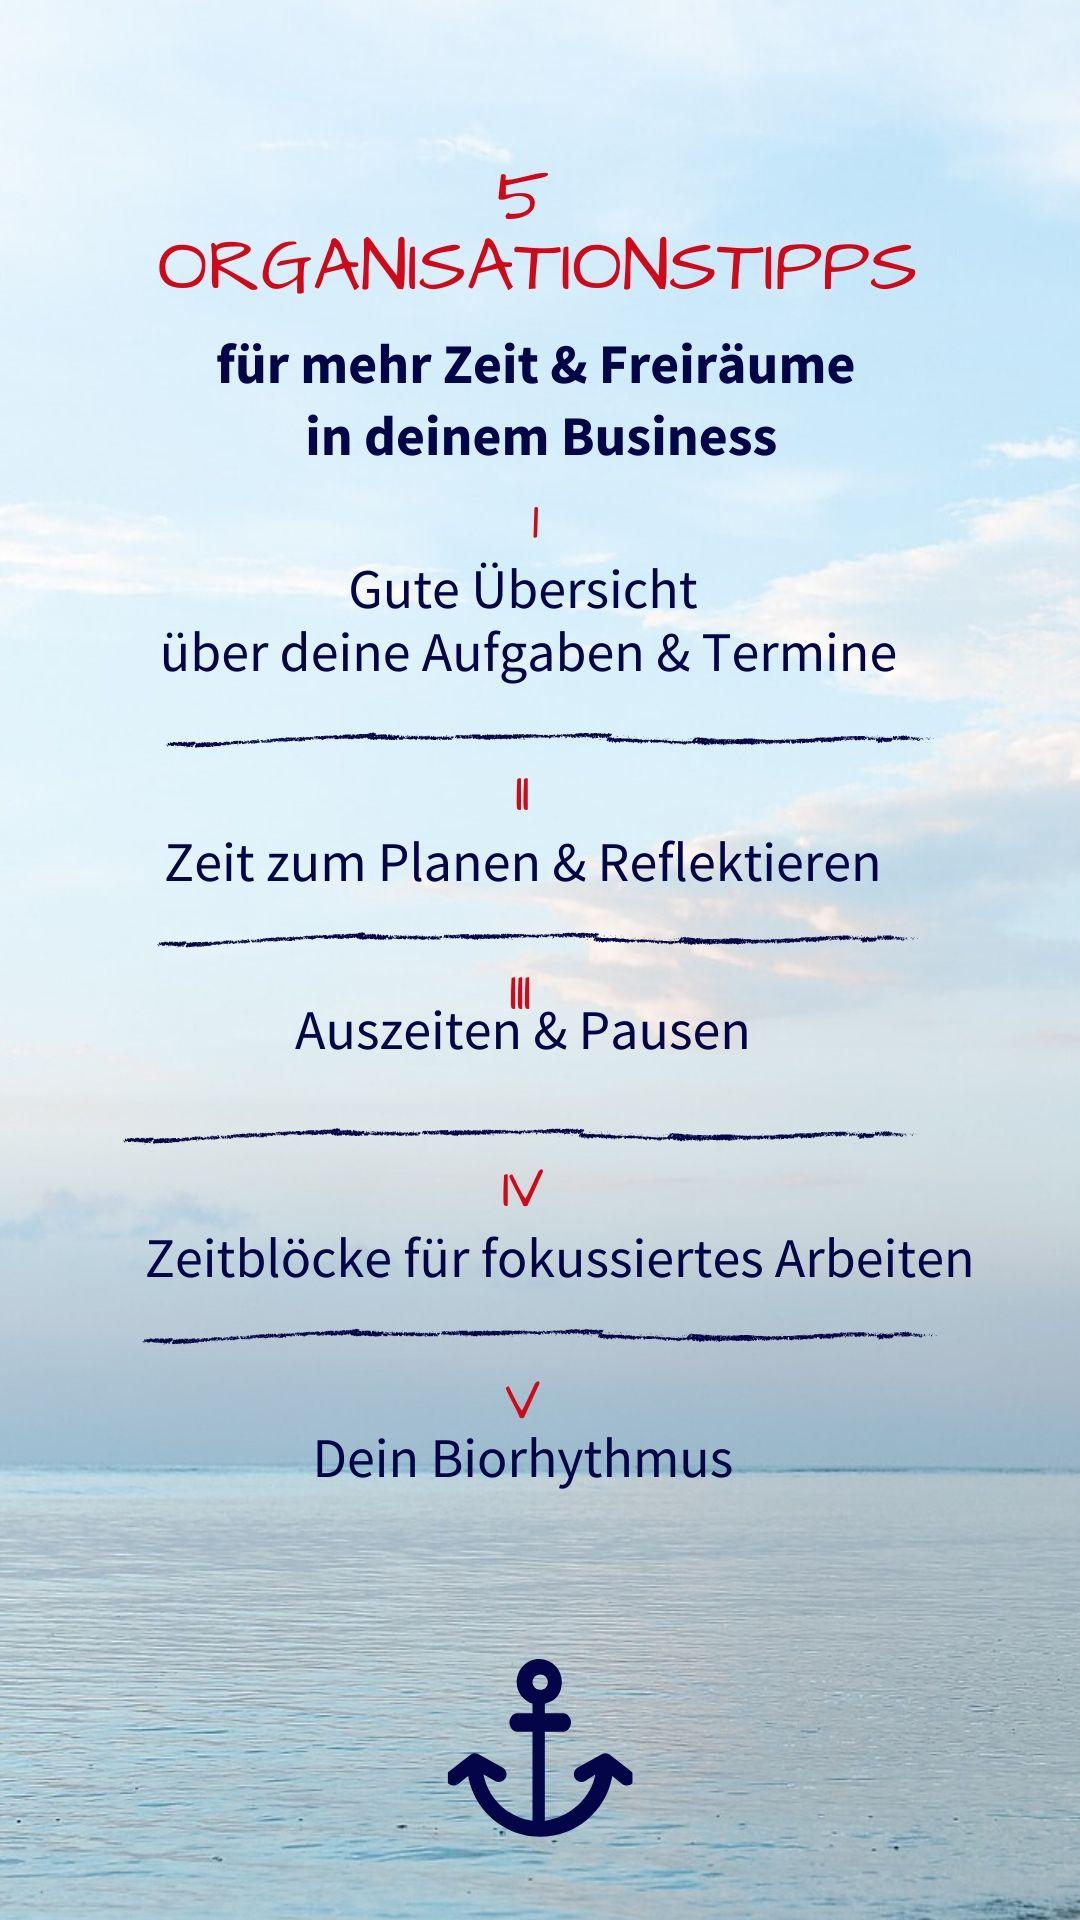 Story 5OrgaTipps 1 - Clevere Selbstorganisation für mehr Freiraum in deinem Business (#25 Gabriele Thies)